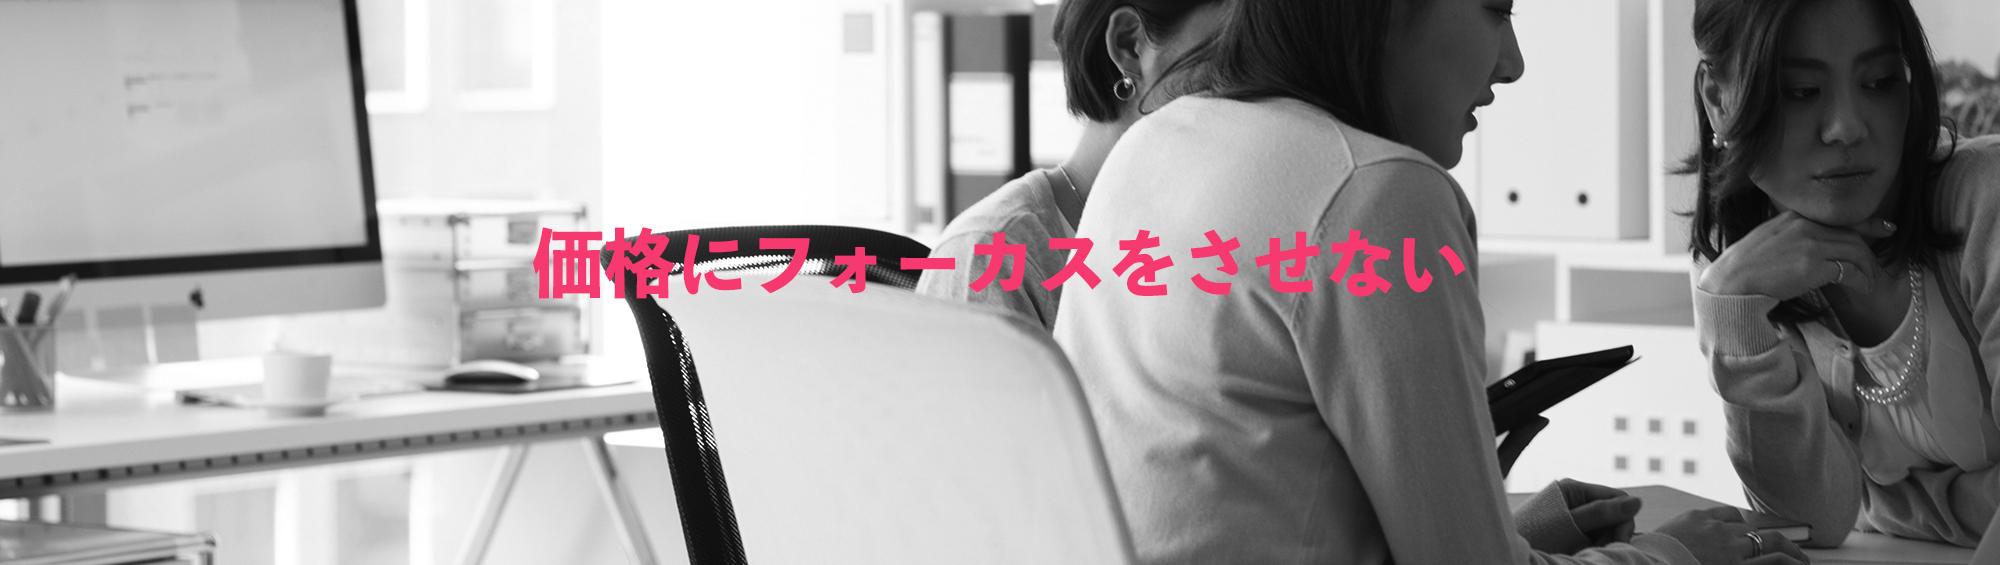 松本市ホームページ制作売れる商品